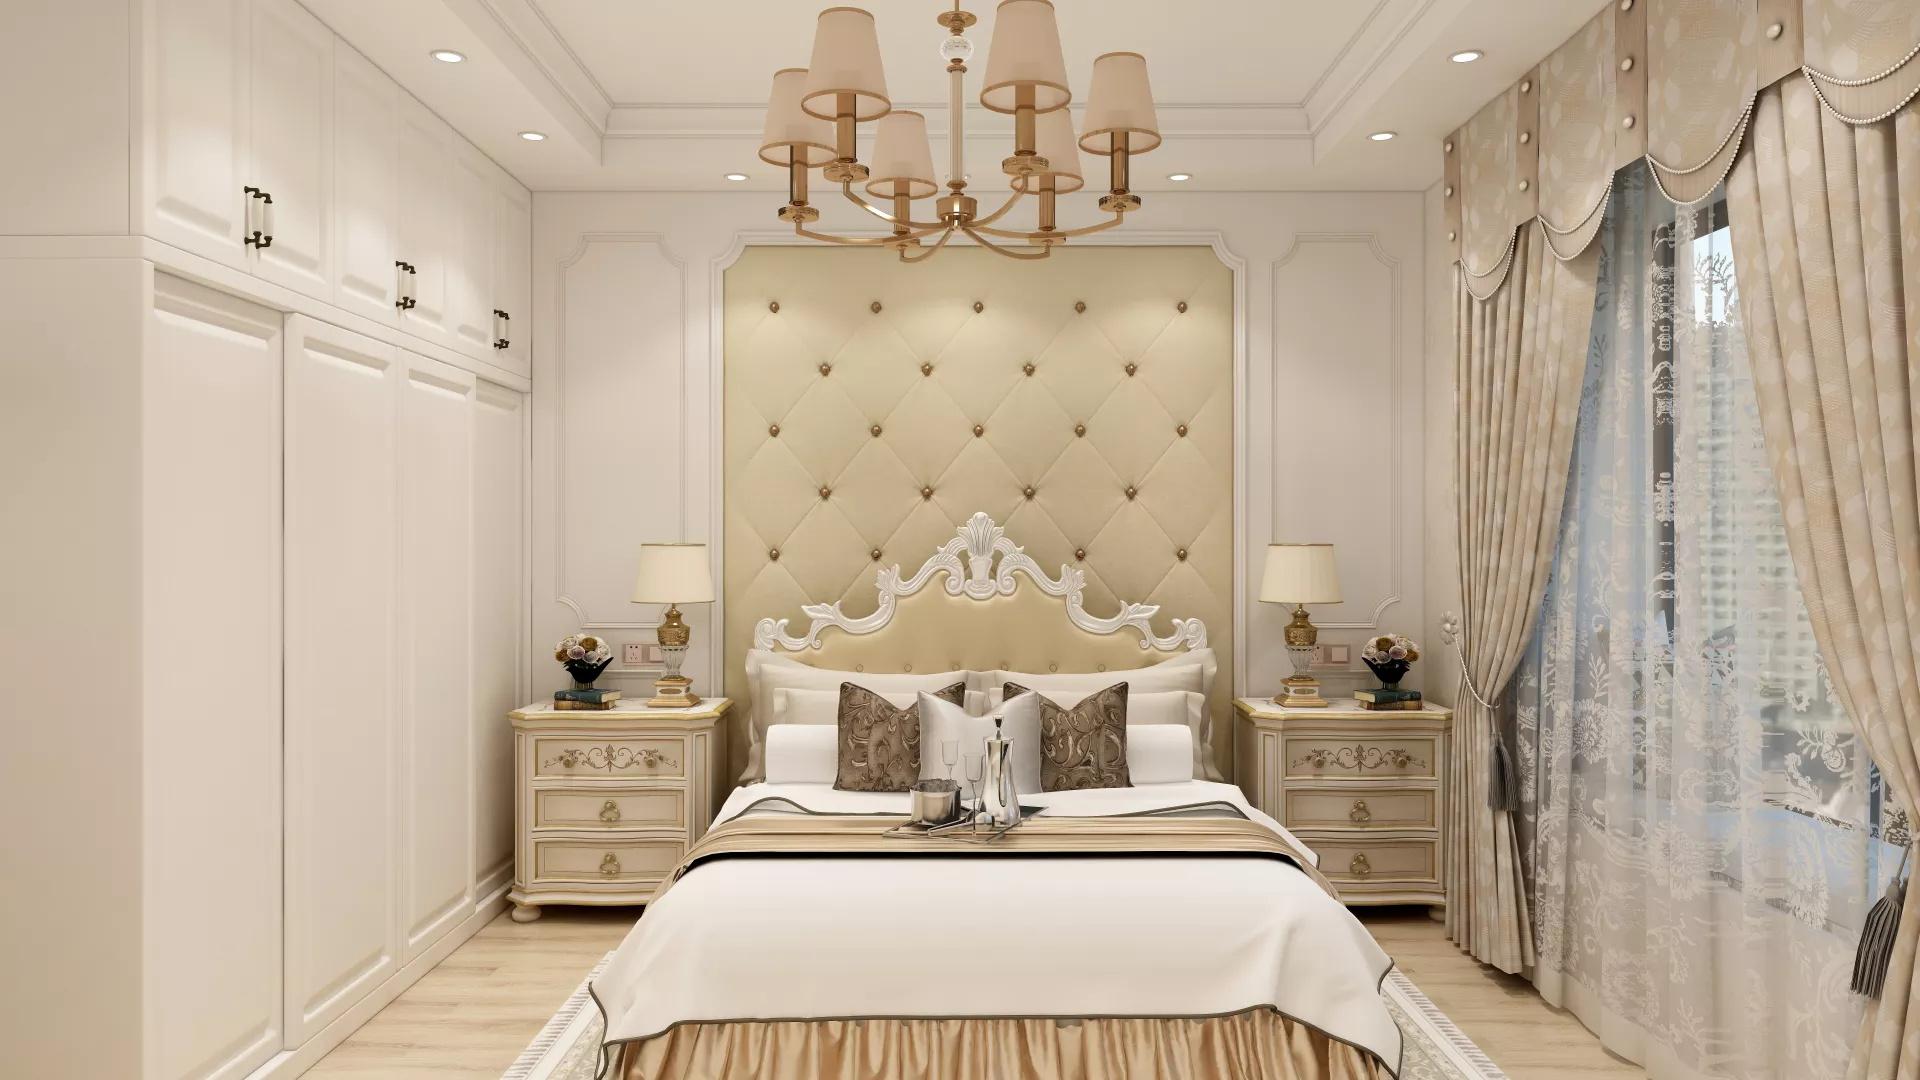 140㎡轻奢美式质感都市客厅装修设计图